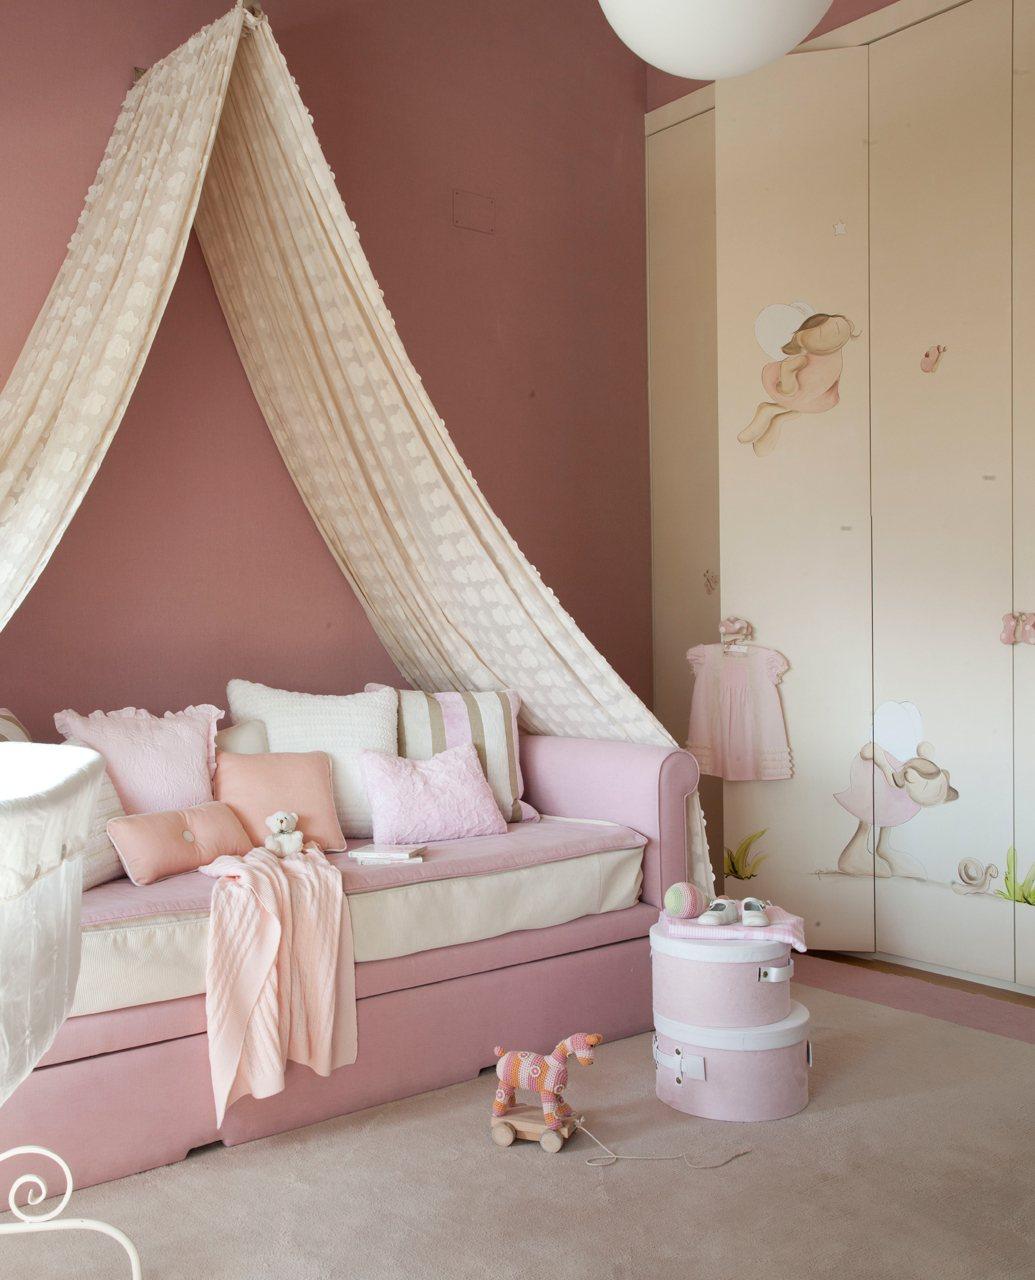 cama rosa y blanca con mosquitero junto a un gran armarios con dibujos de hadas